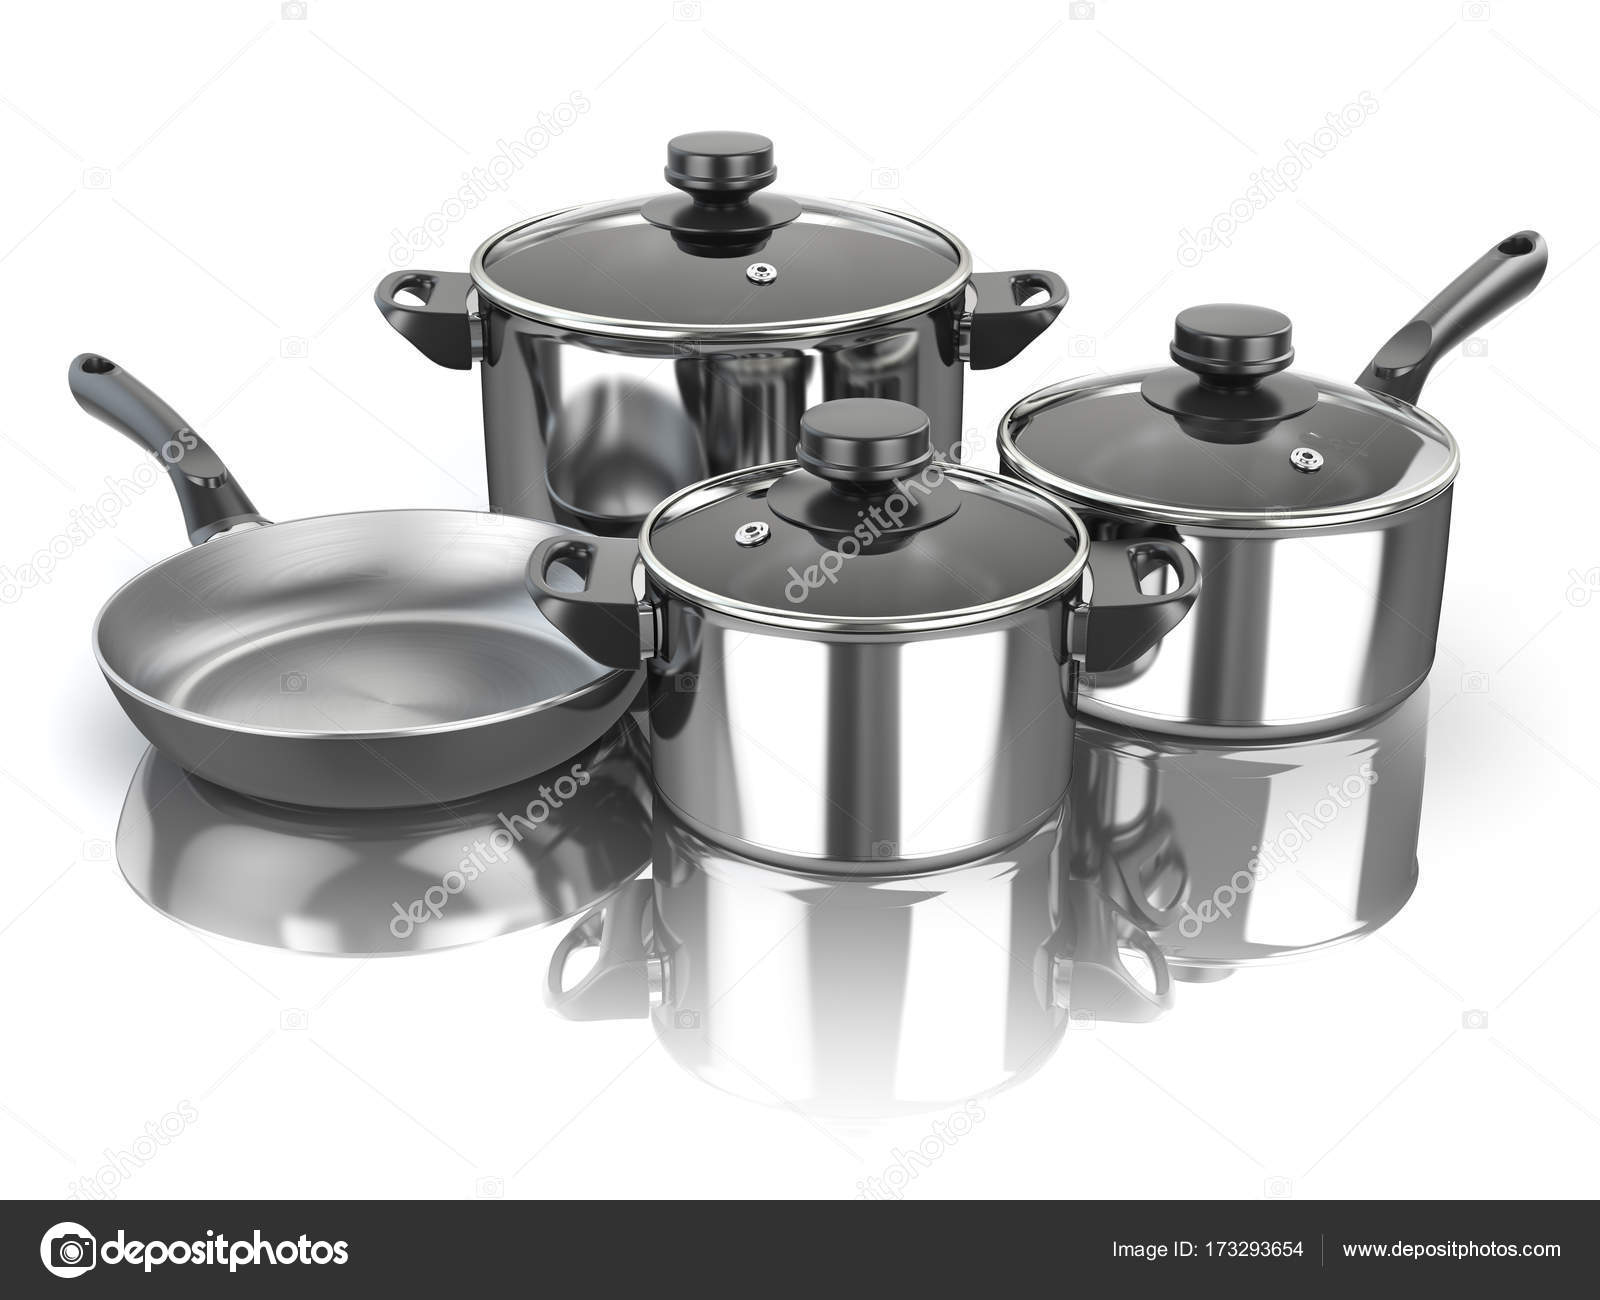 Pentole e padelle. Gli utensili da cucina in acciaio inox per ...